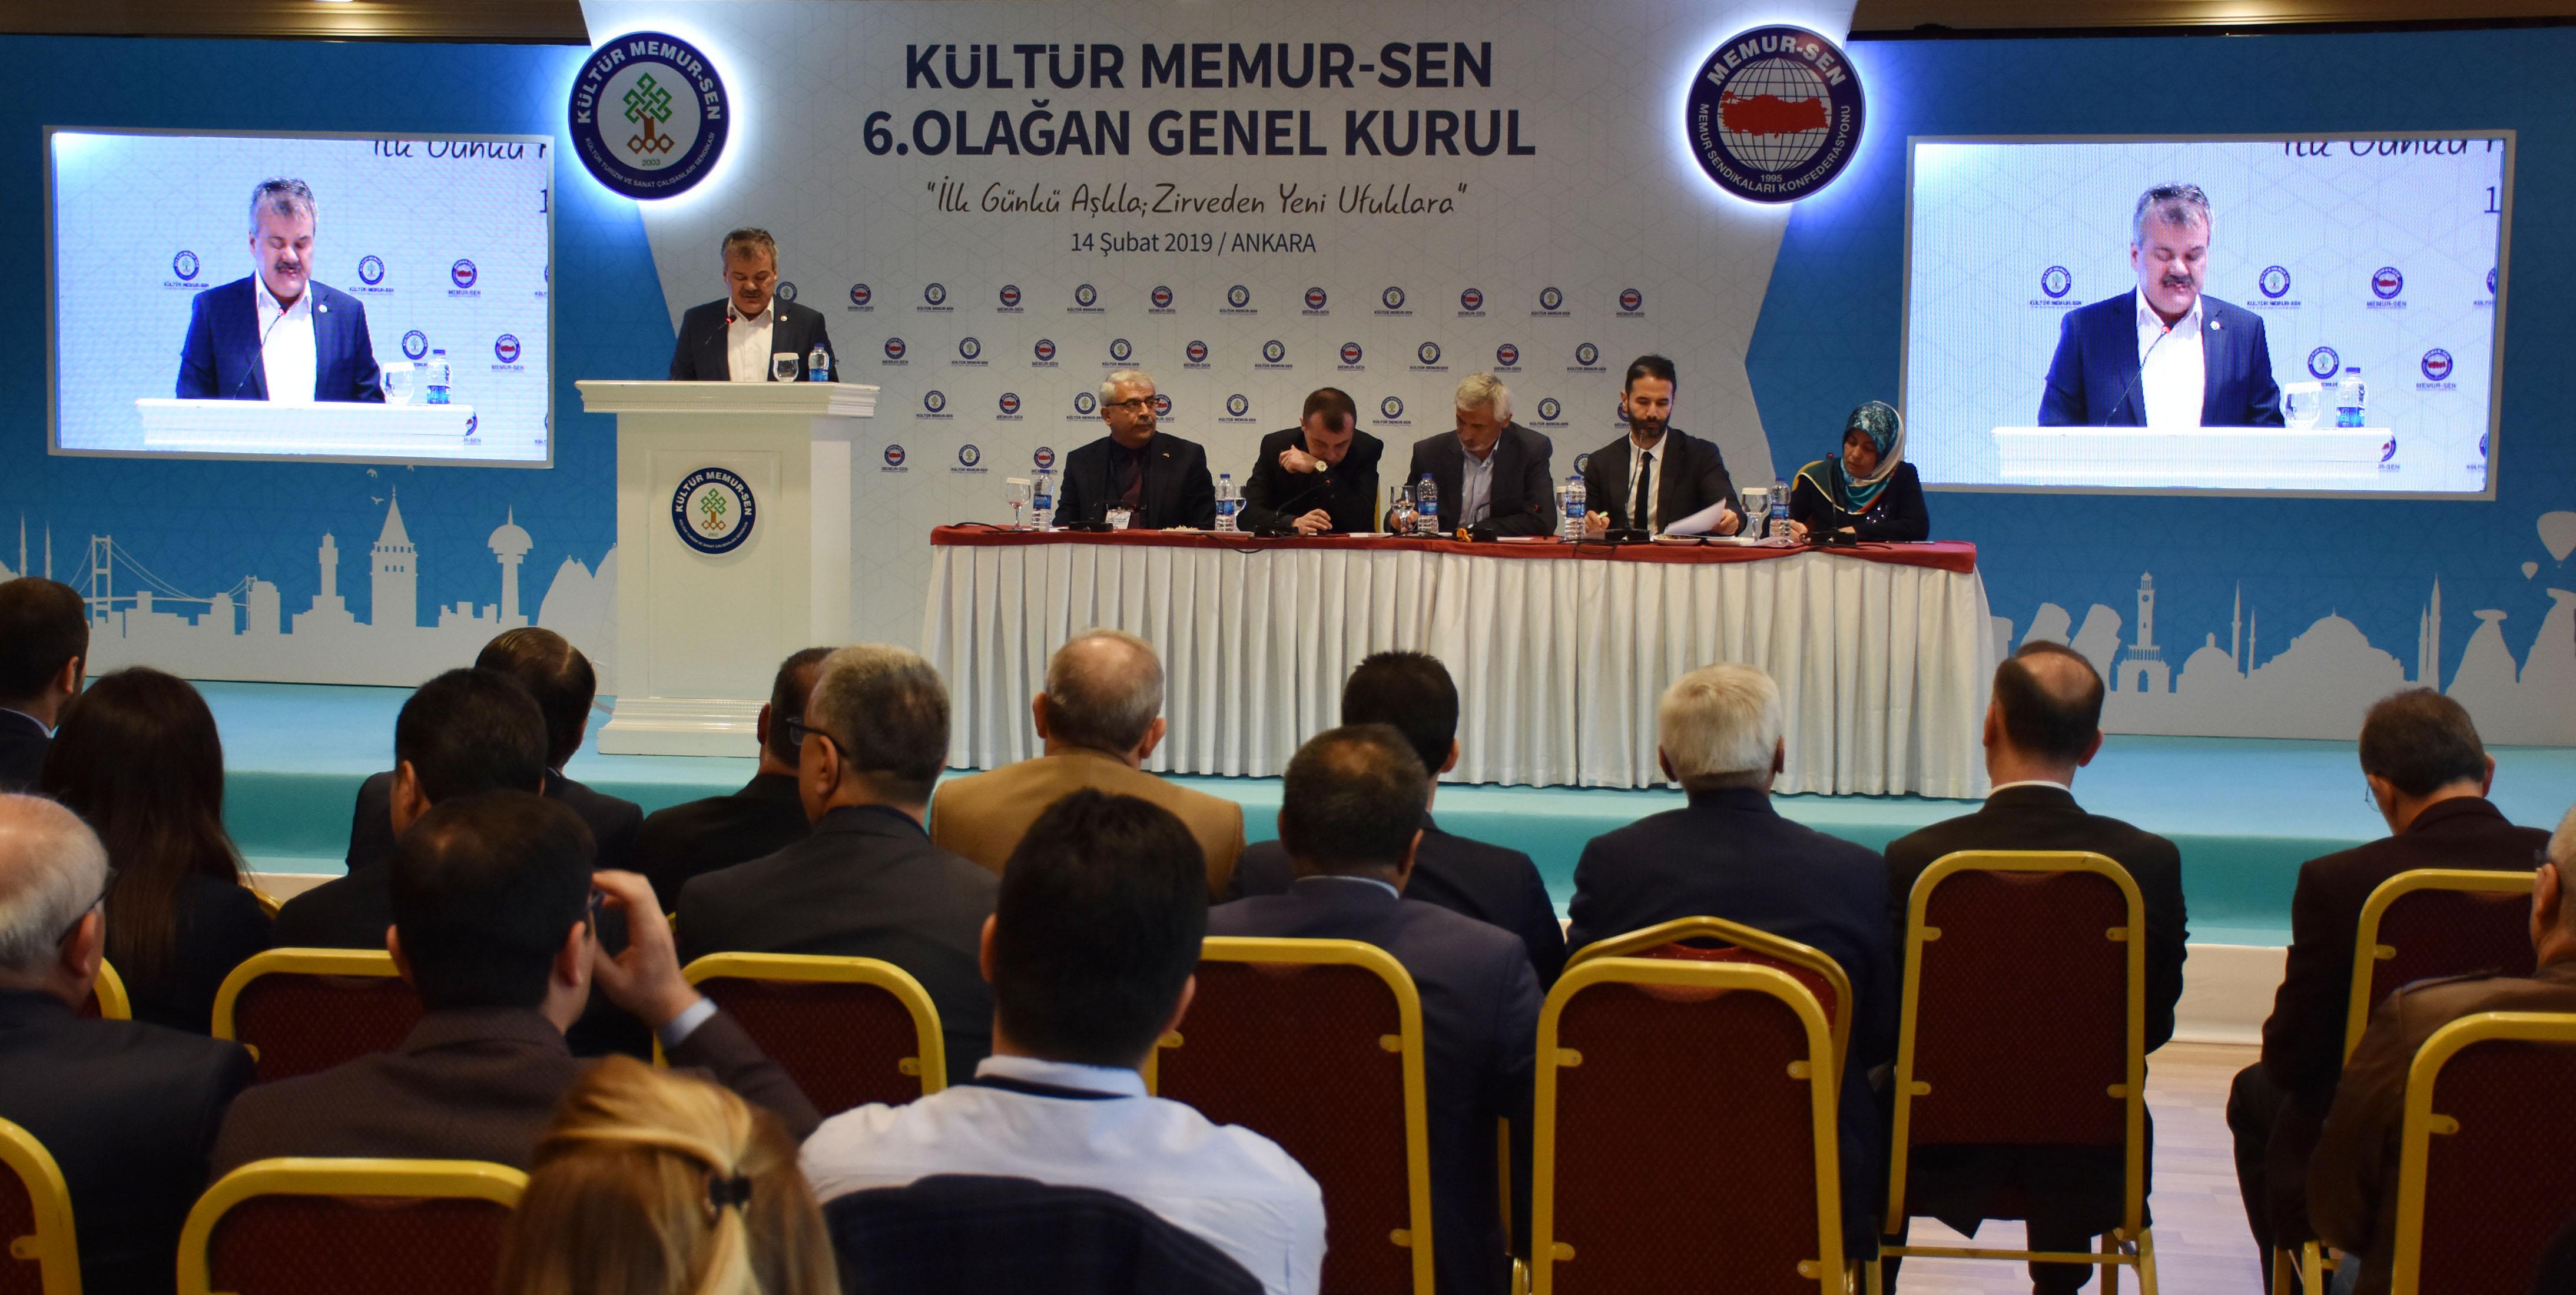 Kültür Memur-Sen 6. Olağan Genel Kurulu Gerçekleştirildi